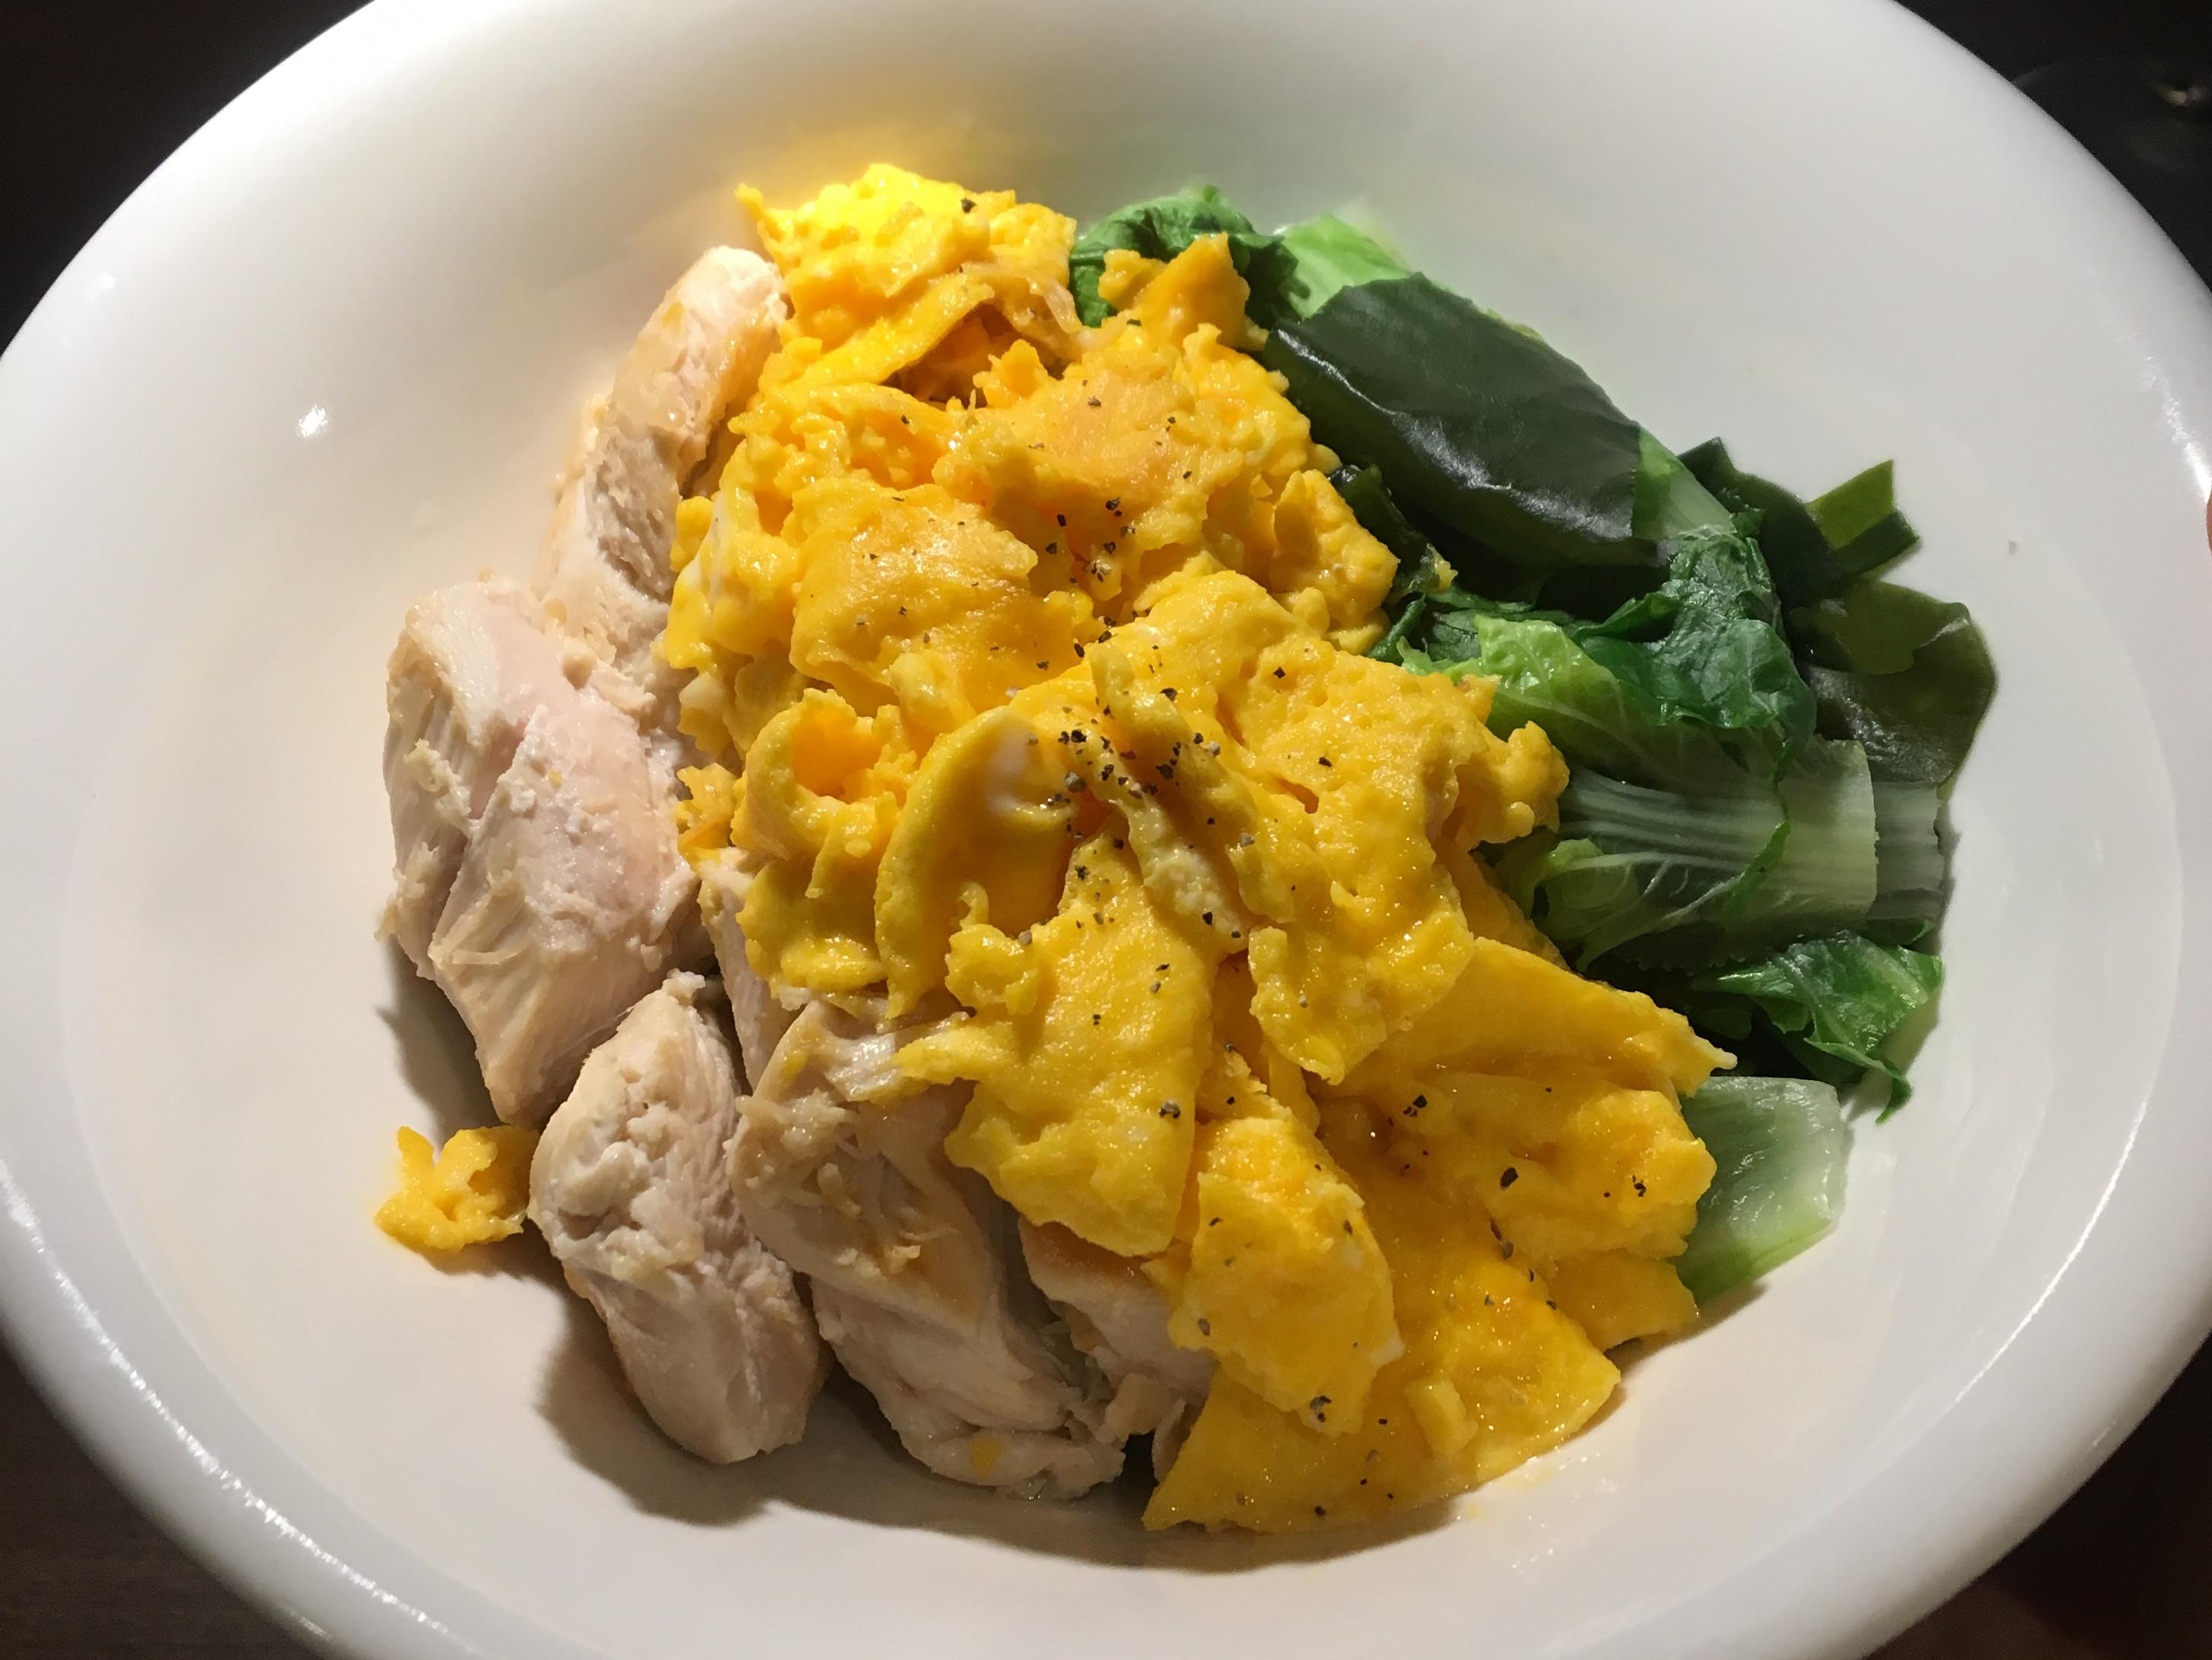 [減脂餐]炒蛋•雞胸•燙青菜